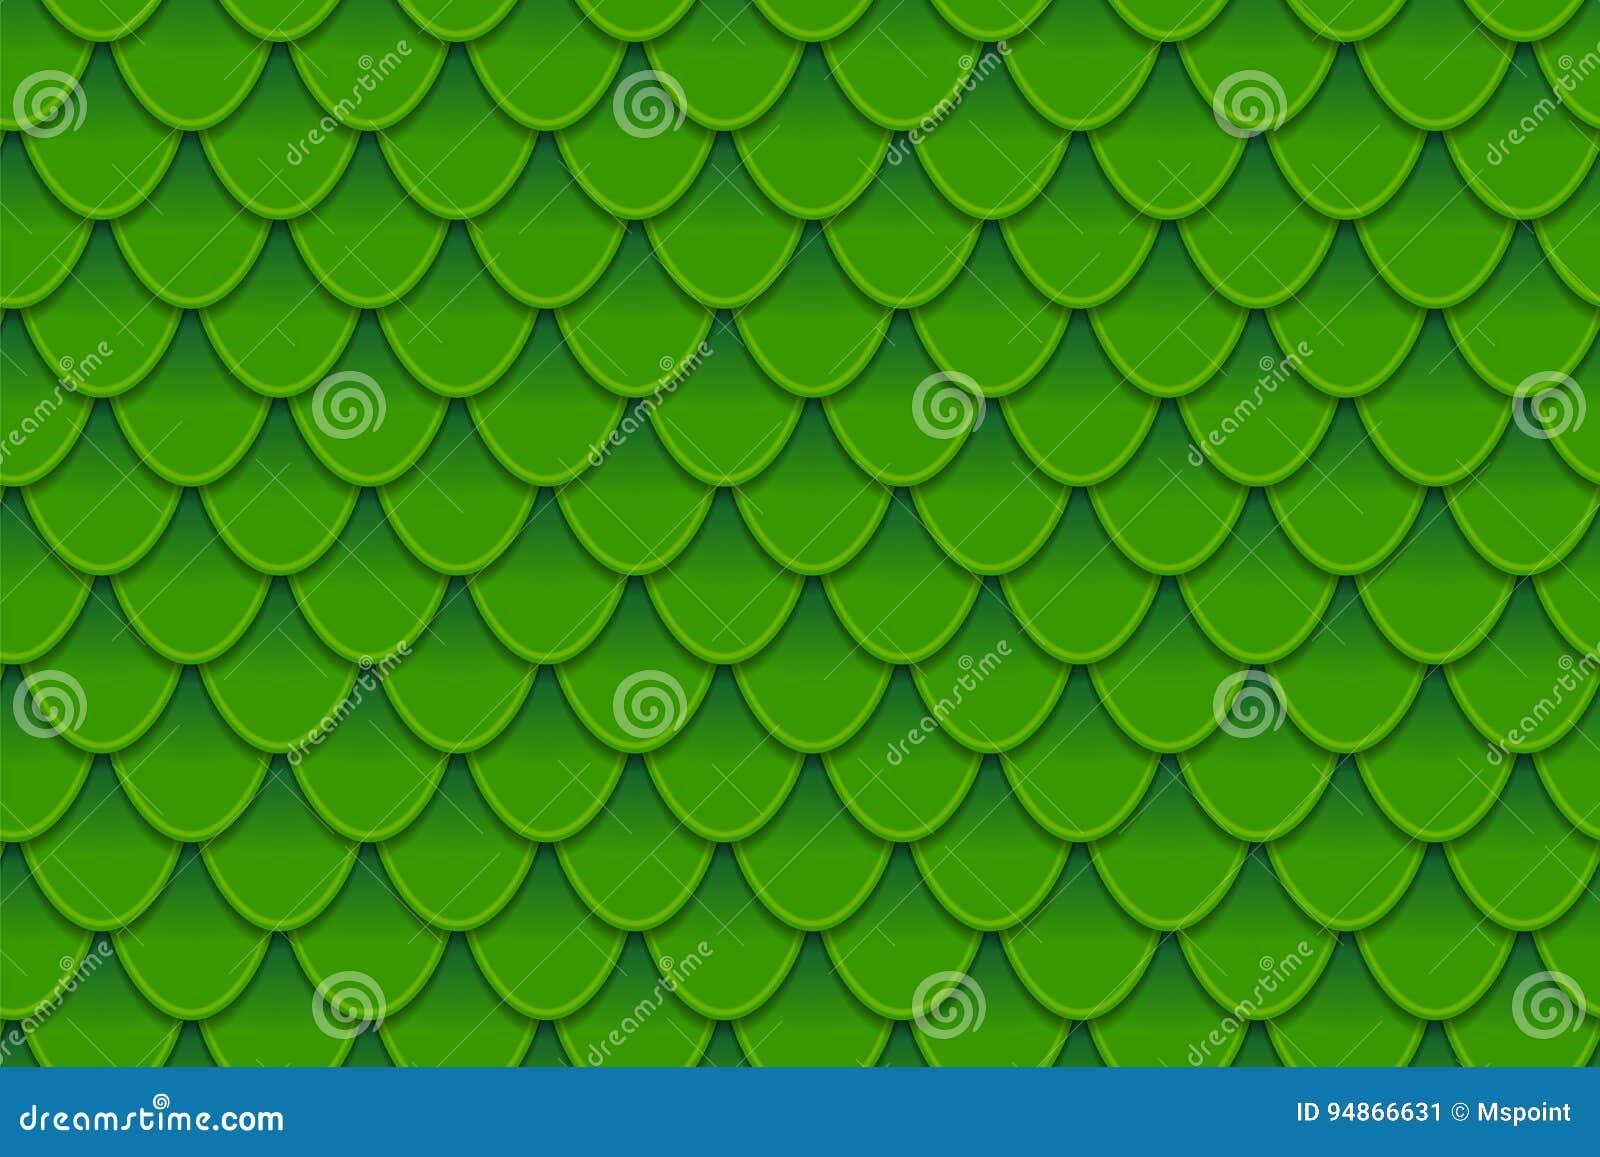 Bezszwowy wzór kolorowy zielony rybi waży Rybi waży, smok skóra, Japoński karp, dinosaur skóra, krosty, gad